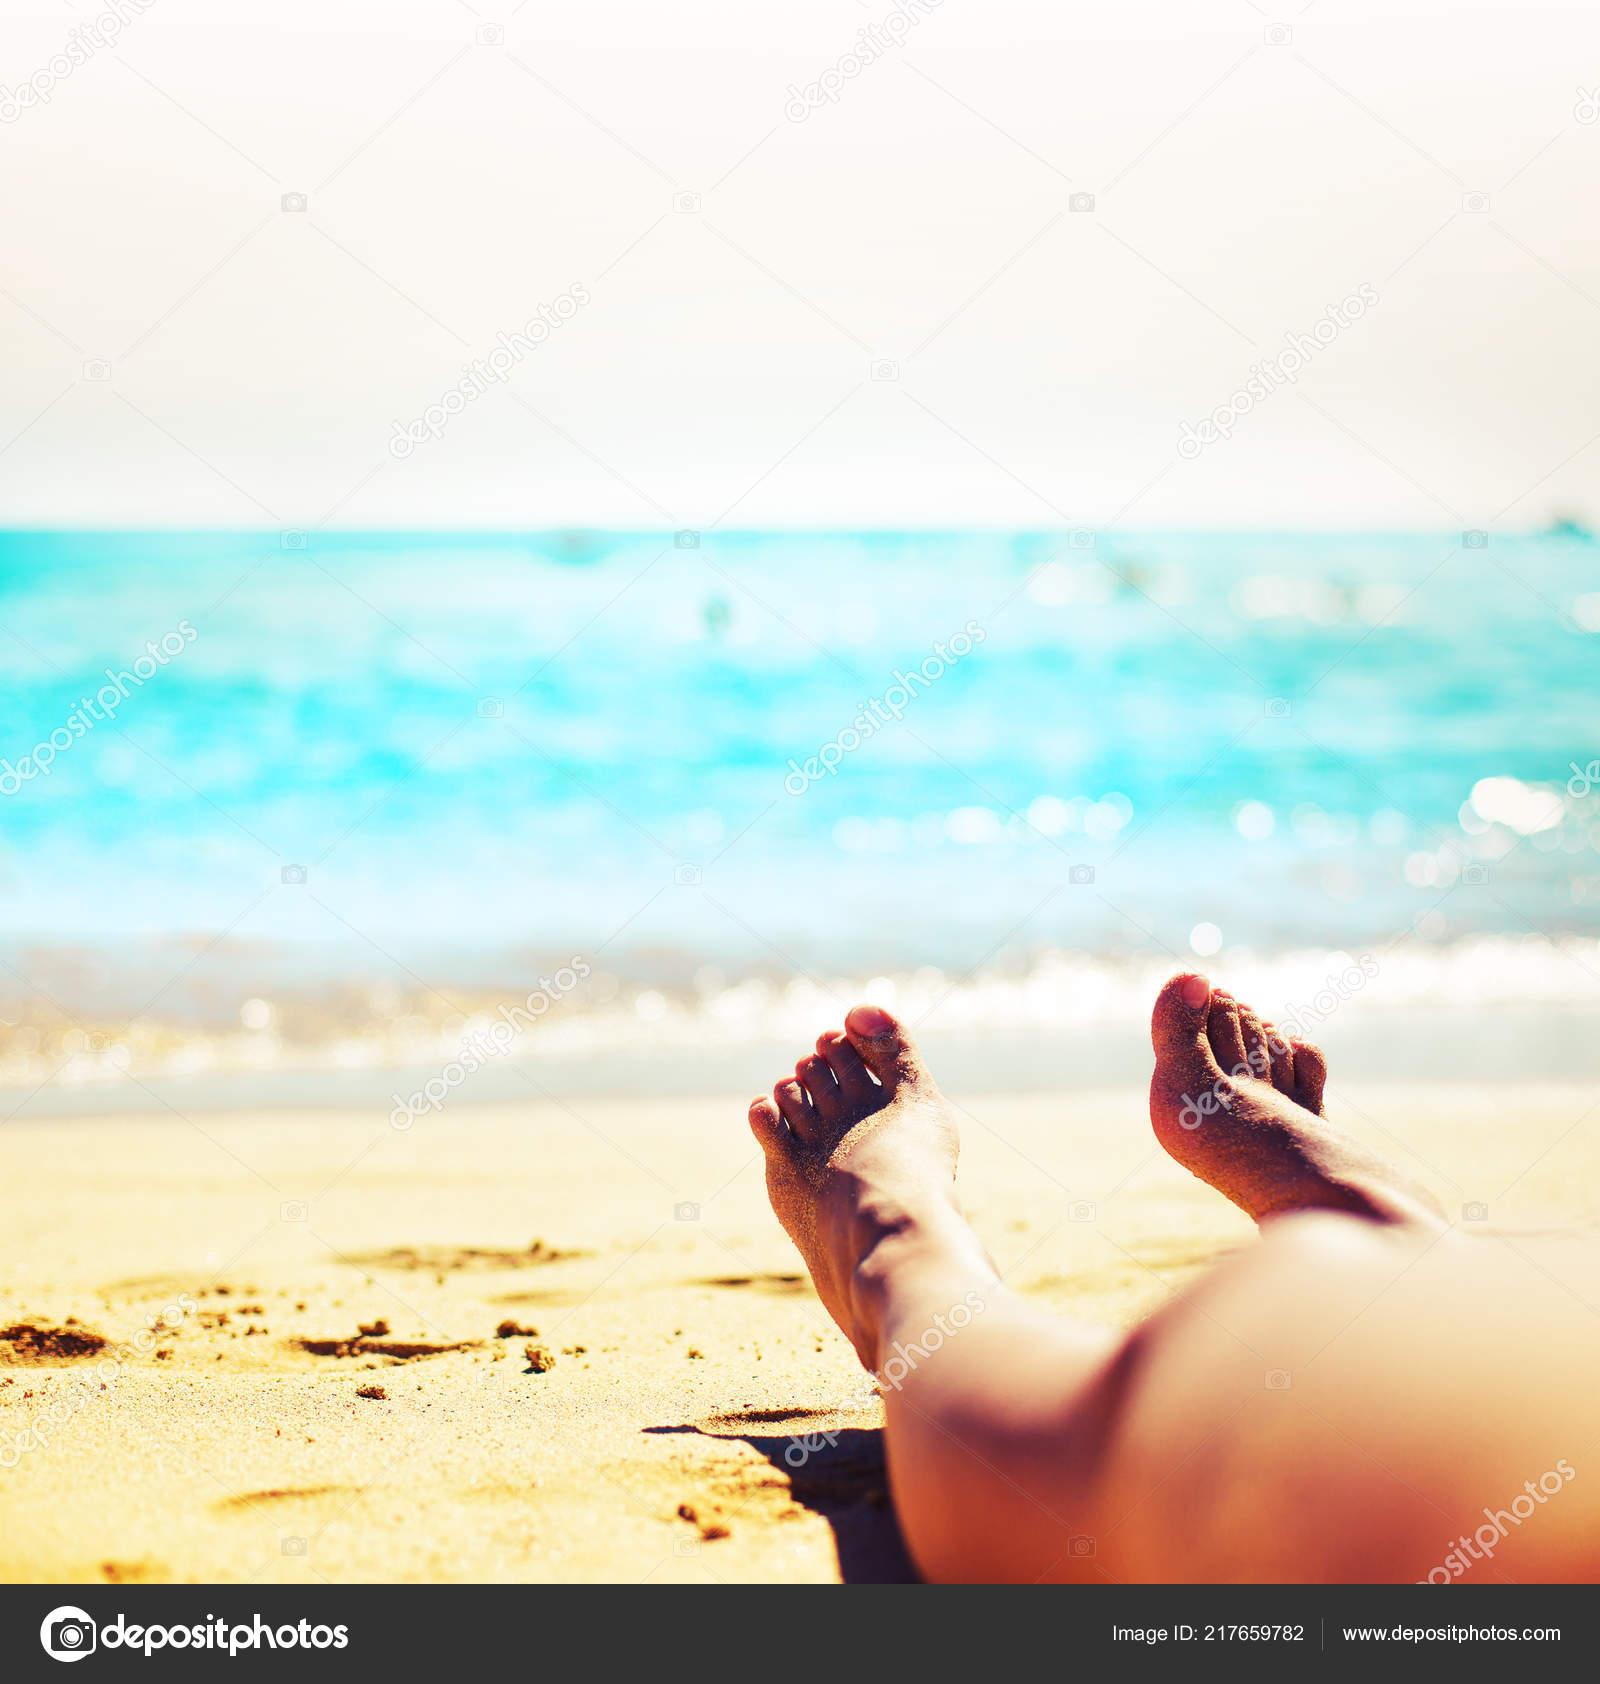 1538313511 Περικομμένη Εικόνα Γυναικεία Πόδια Ξαπλωμένος Στην Άμμο Στην Παραλία —  Φωτογραφία Αρχείου